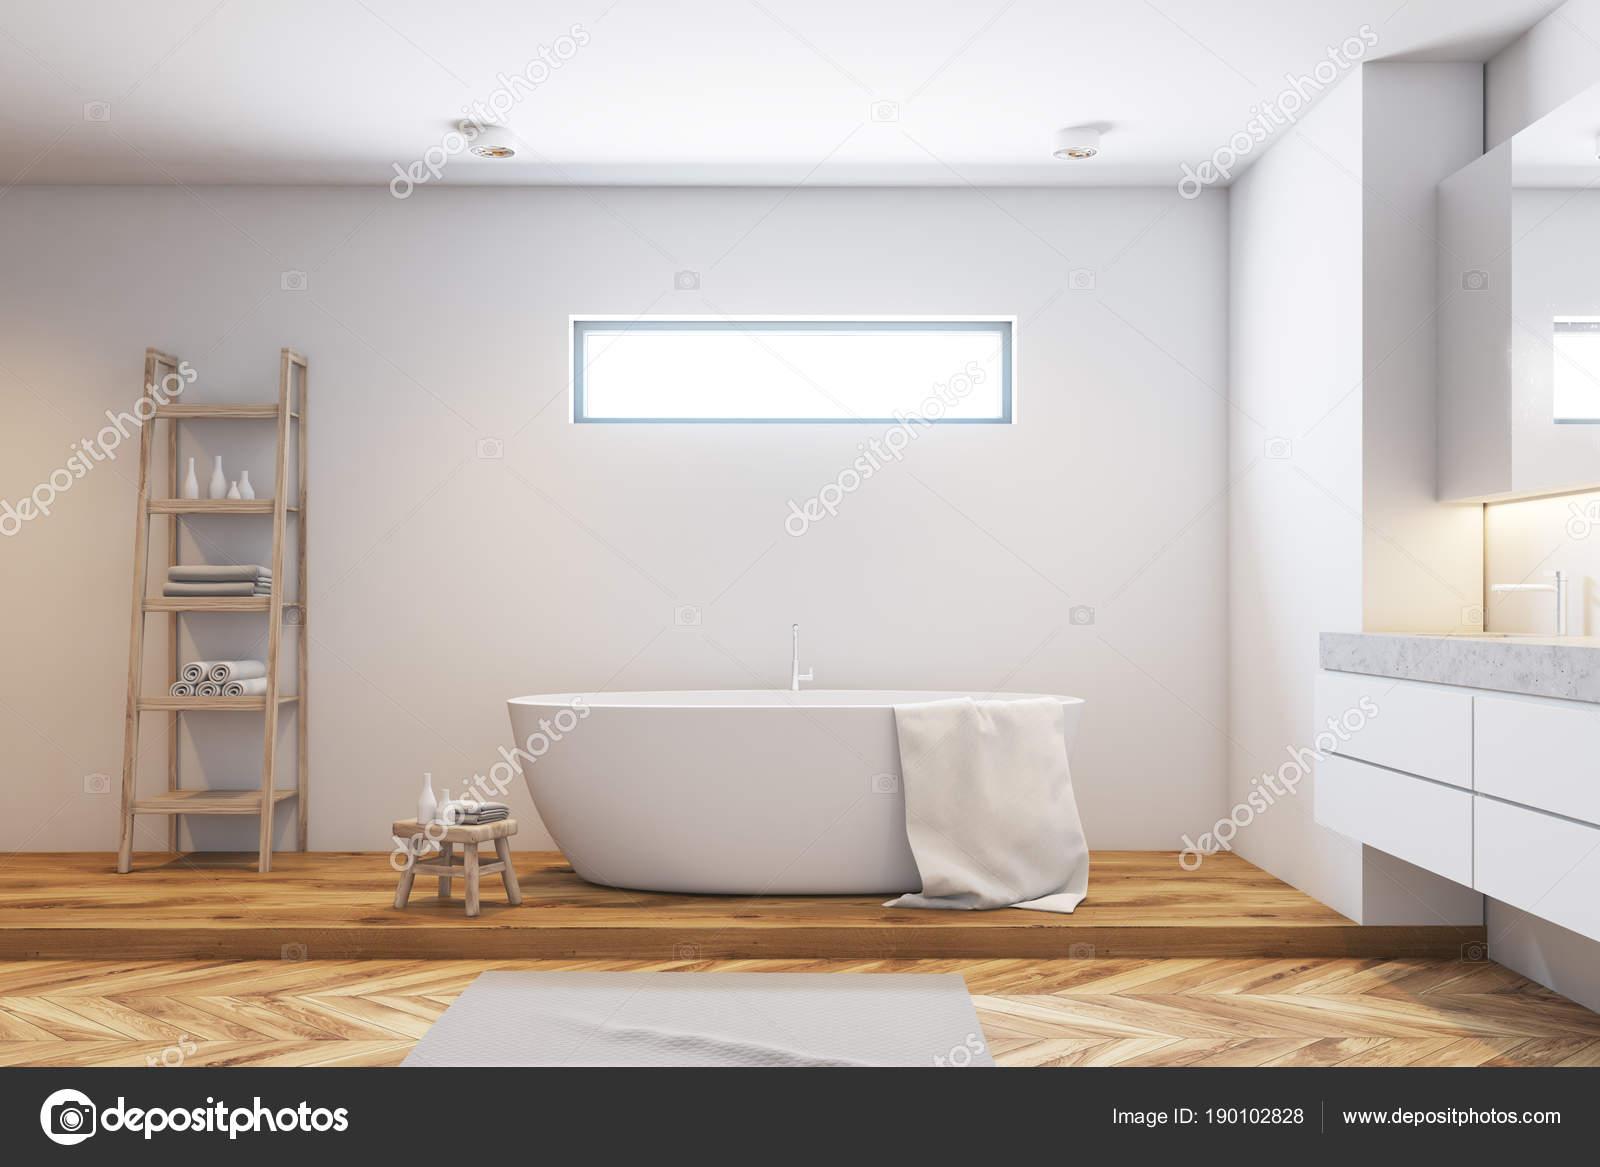 Weiße Fliesen Badezimmer Interieur, Seitenansicht — Stockfoto ...